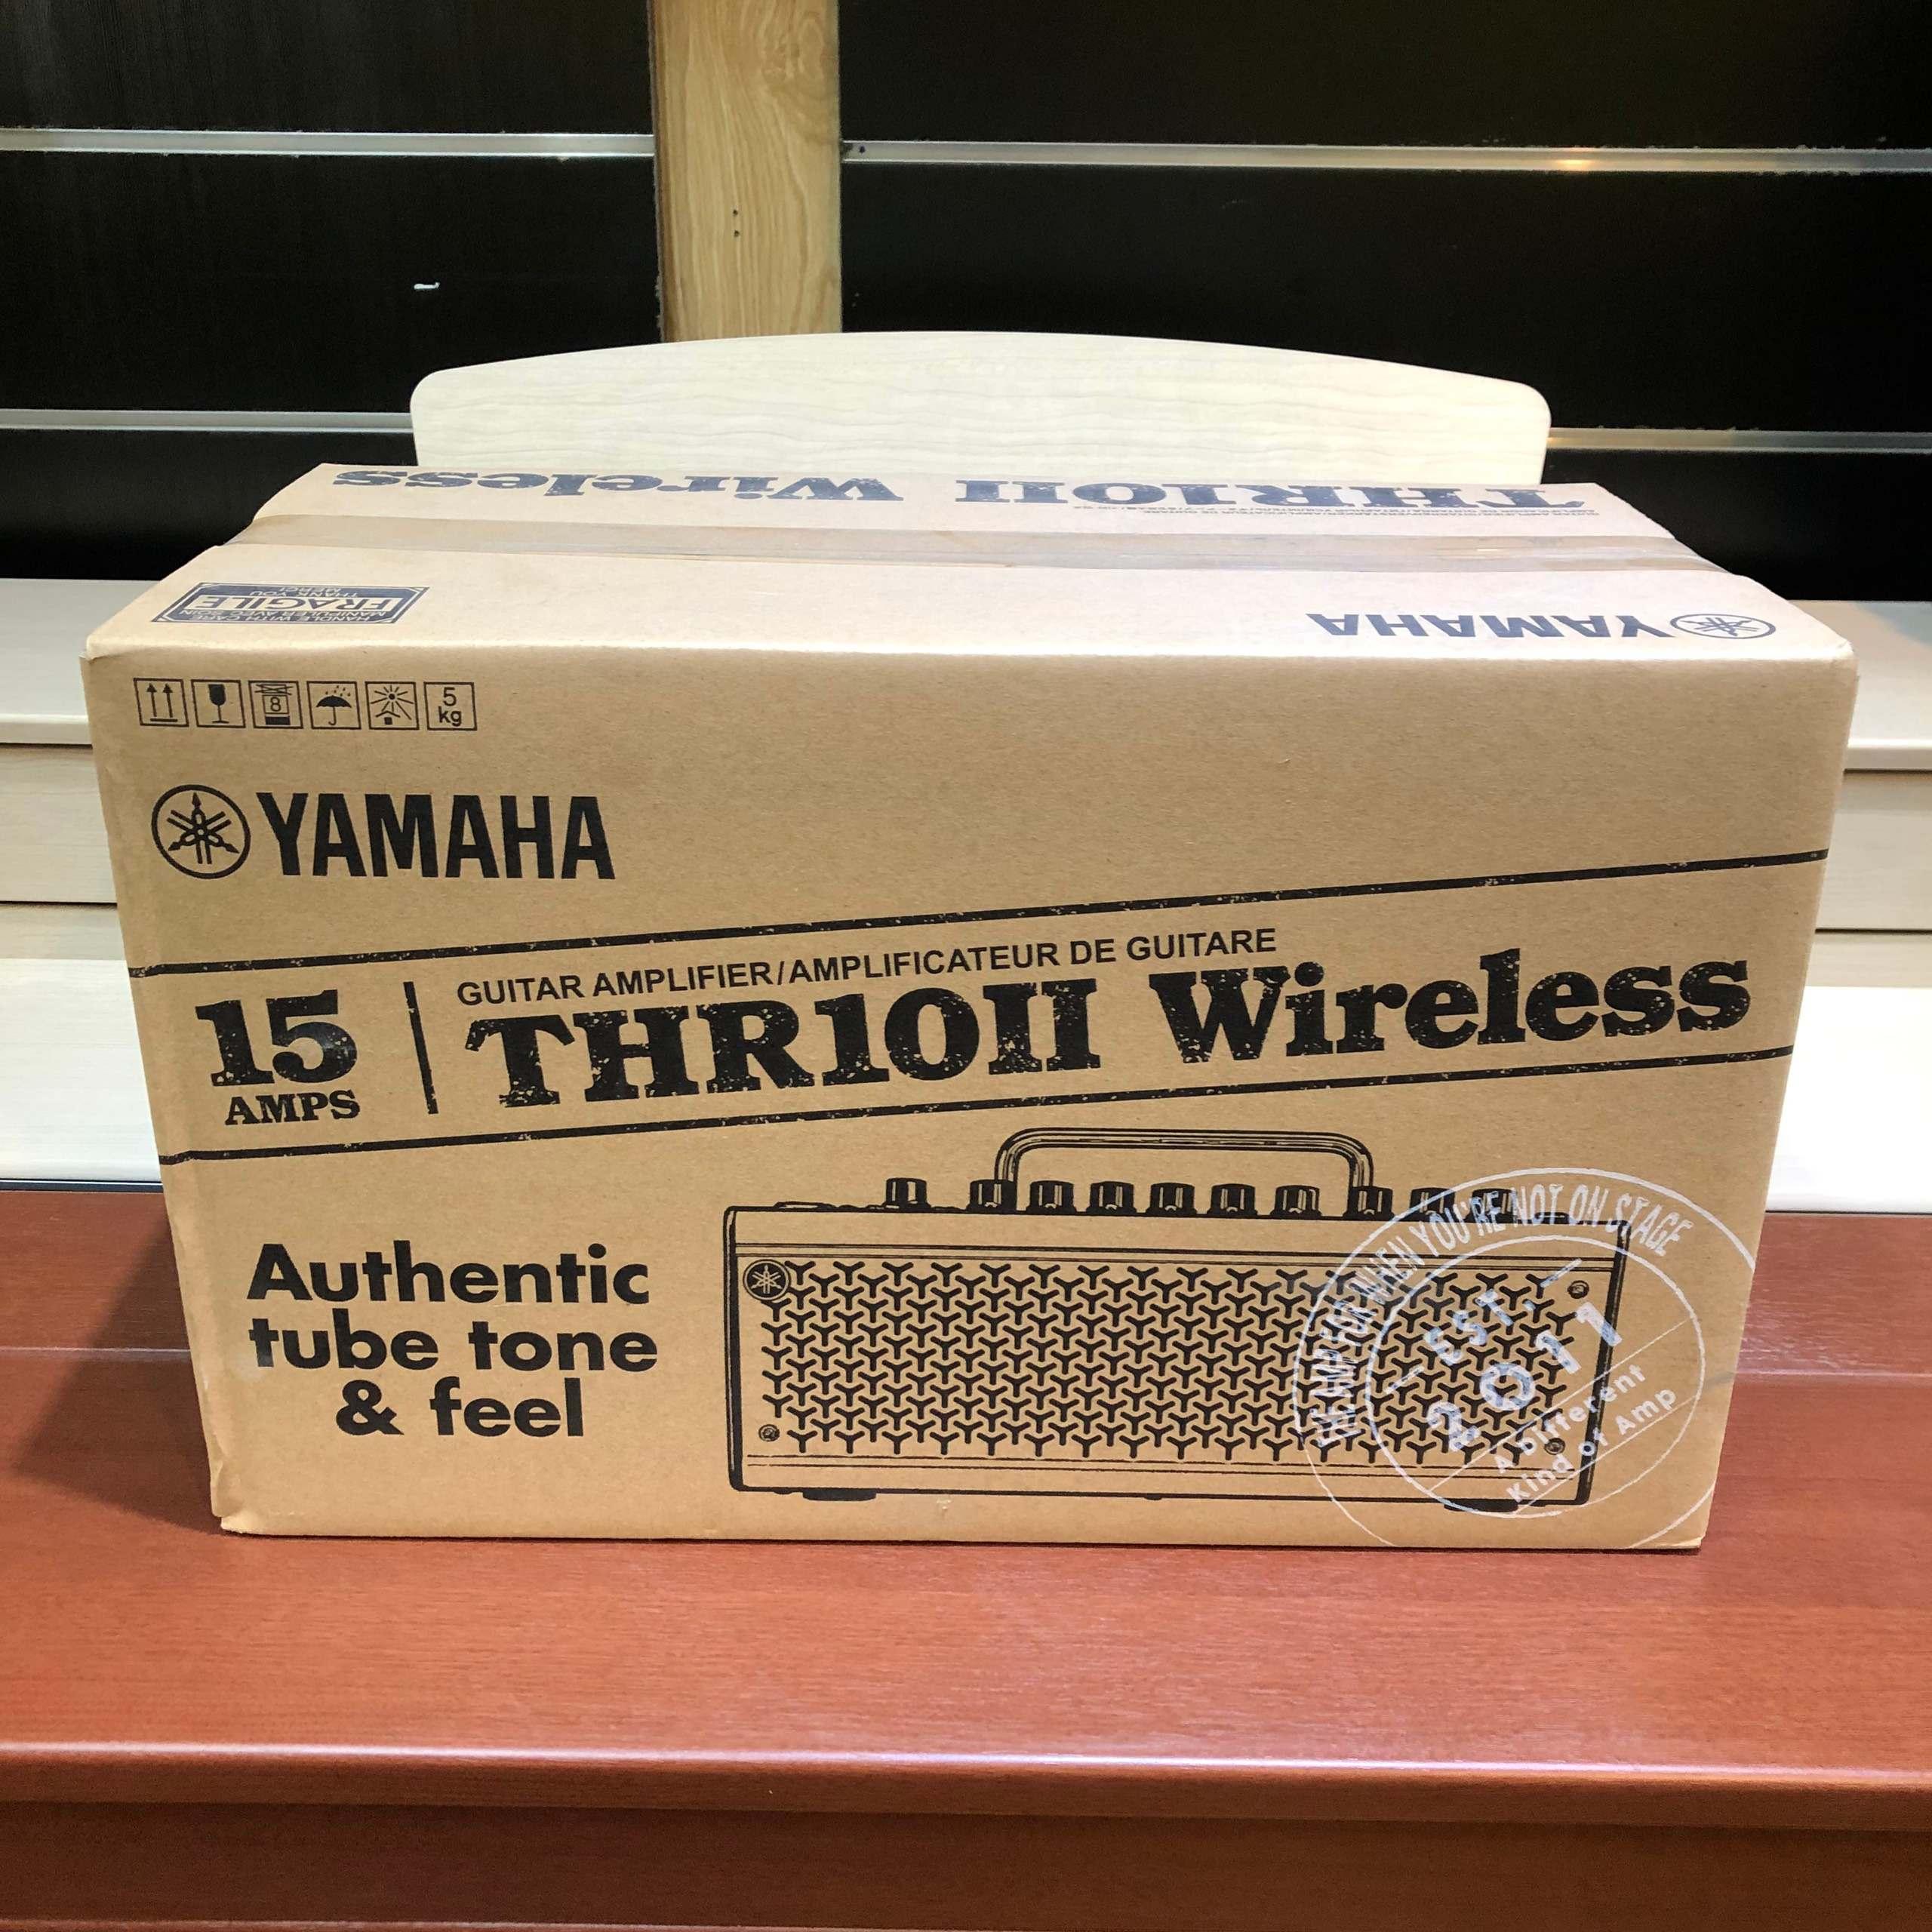 Yamaha THR10II